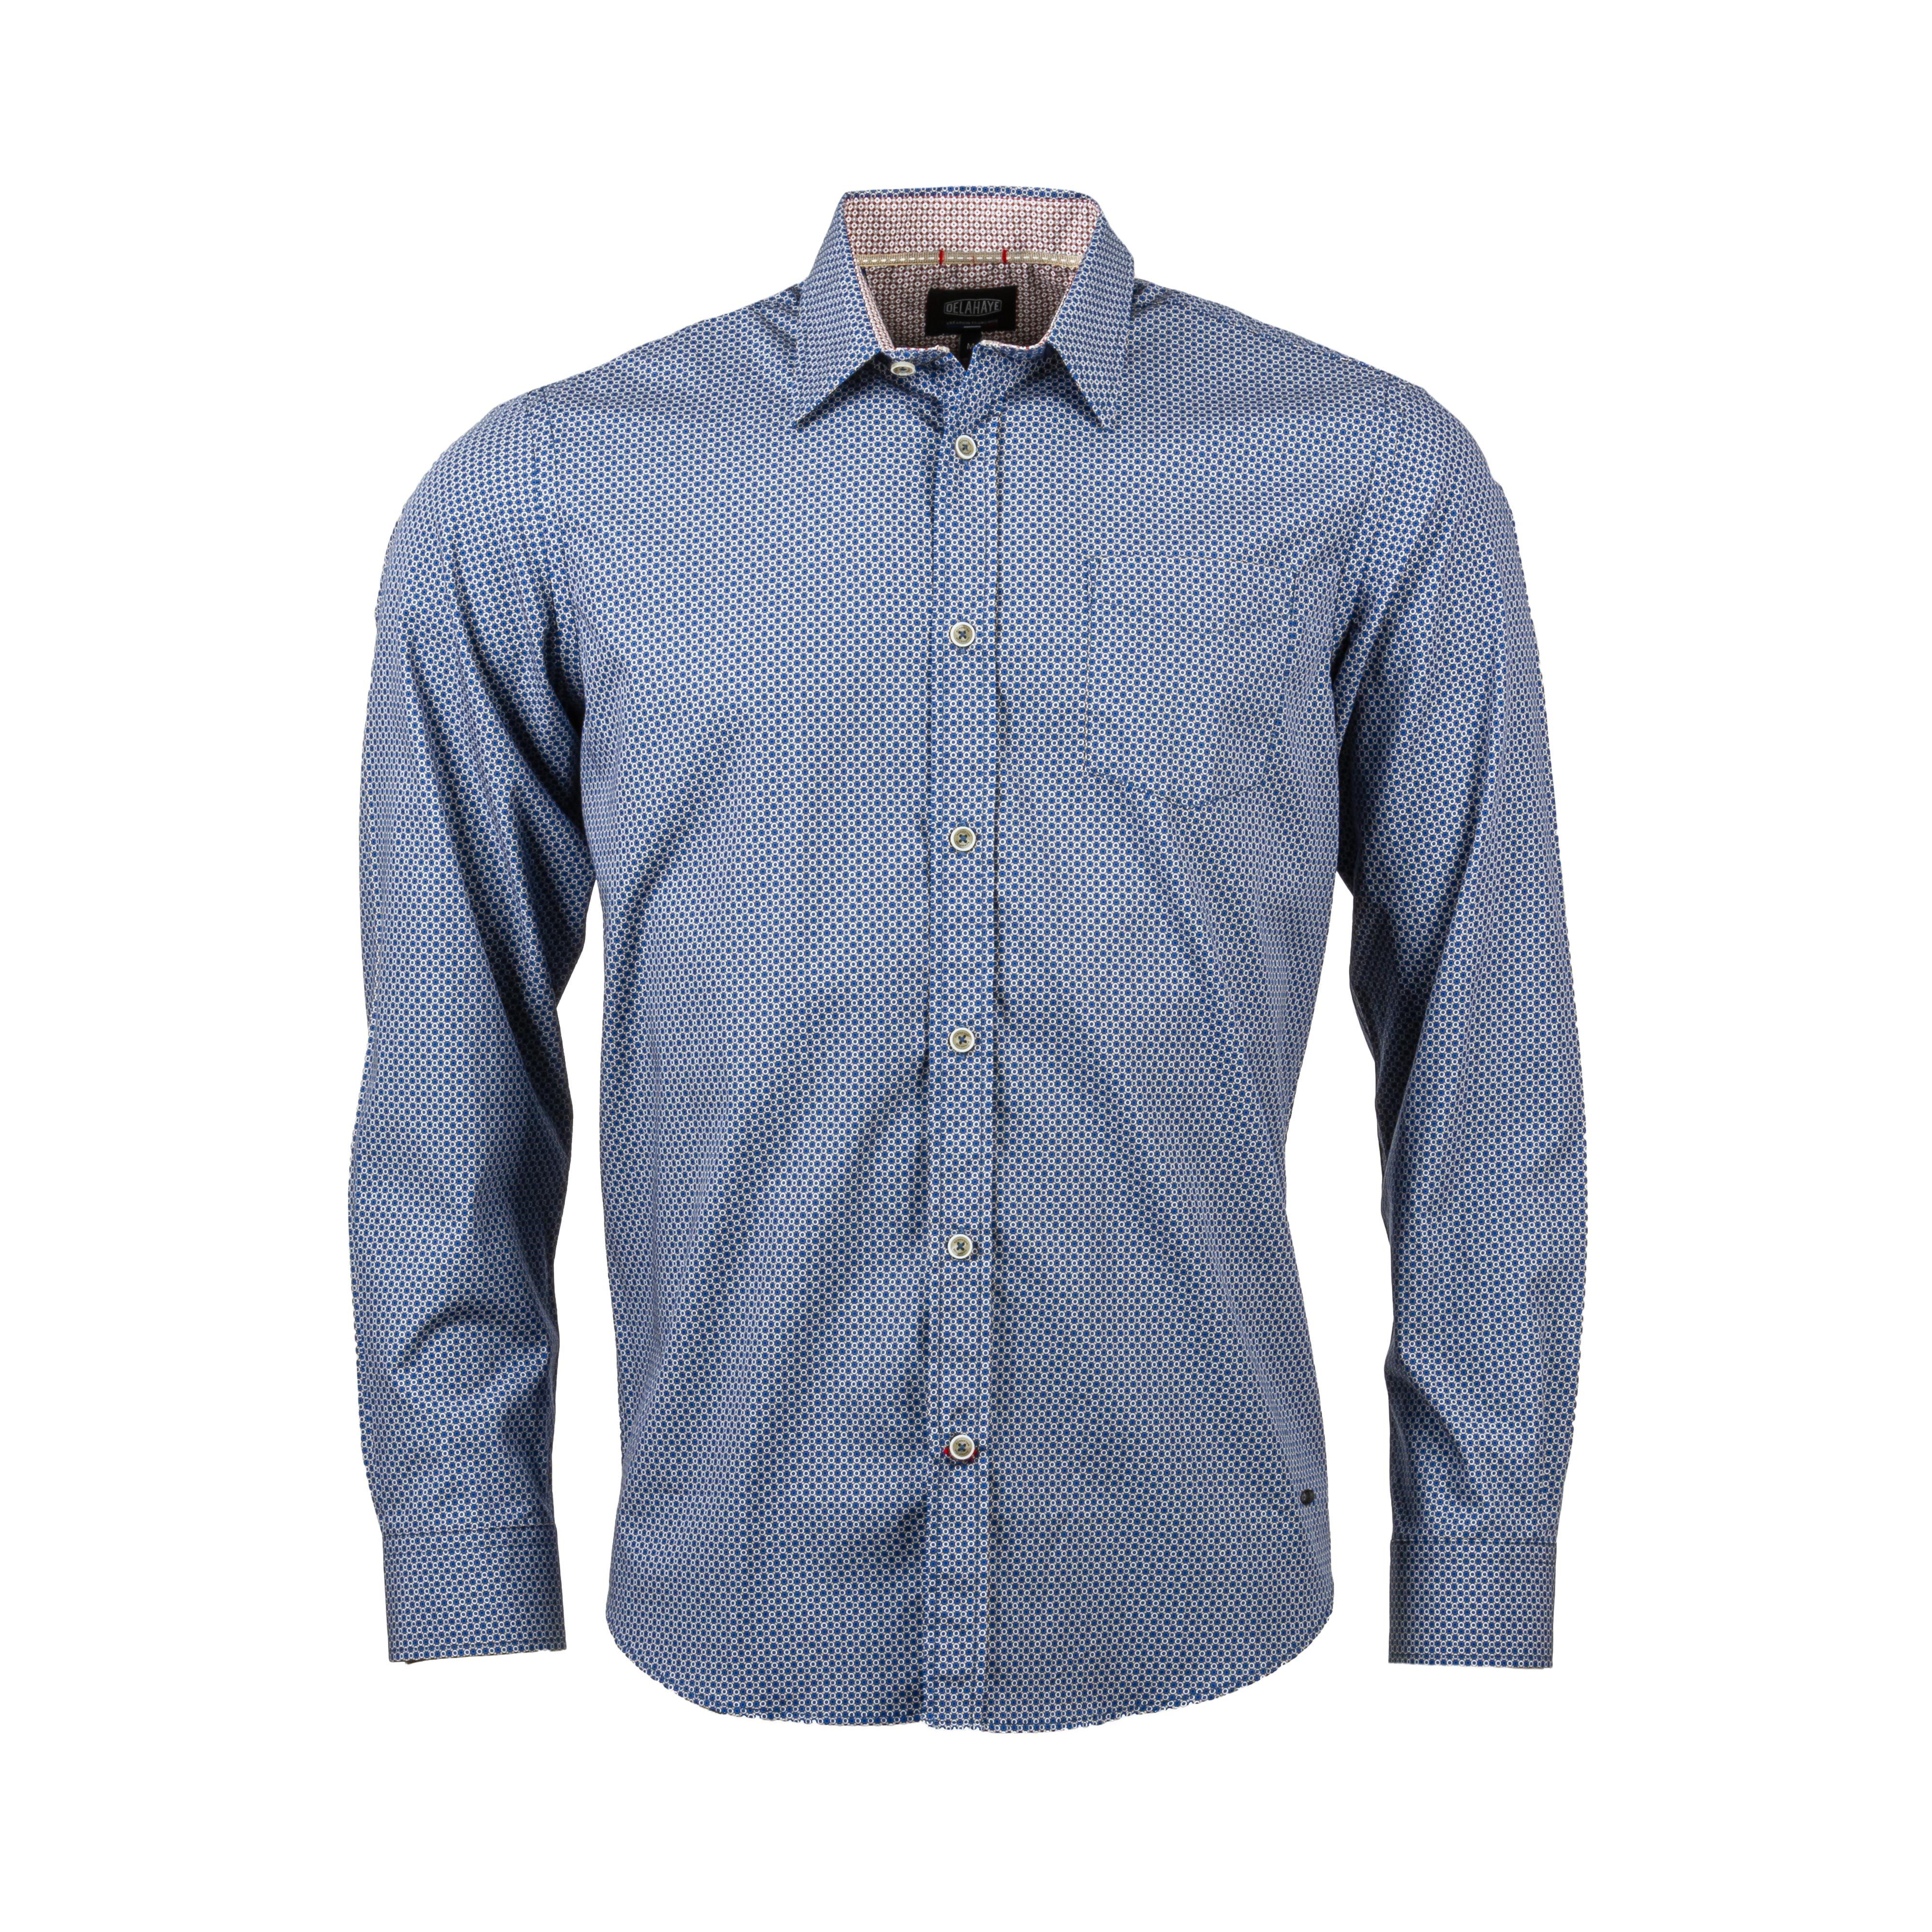 Chemise ajustée Delahaye en coton à micro motifs bleus, marron et blancs